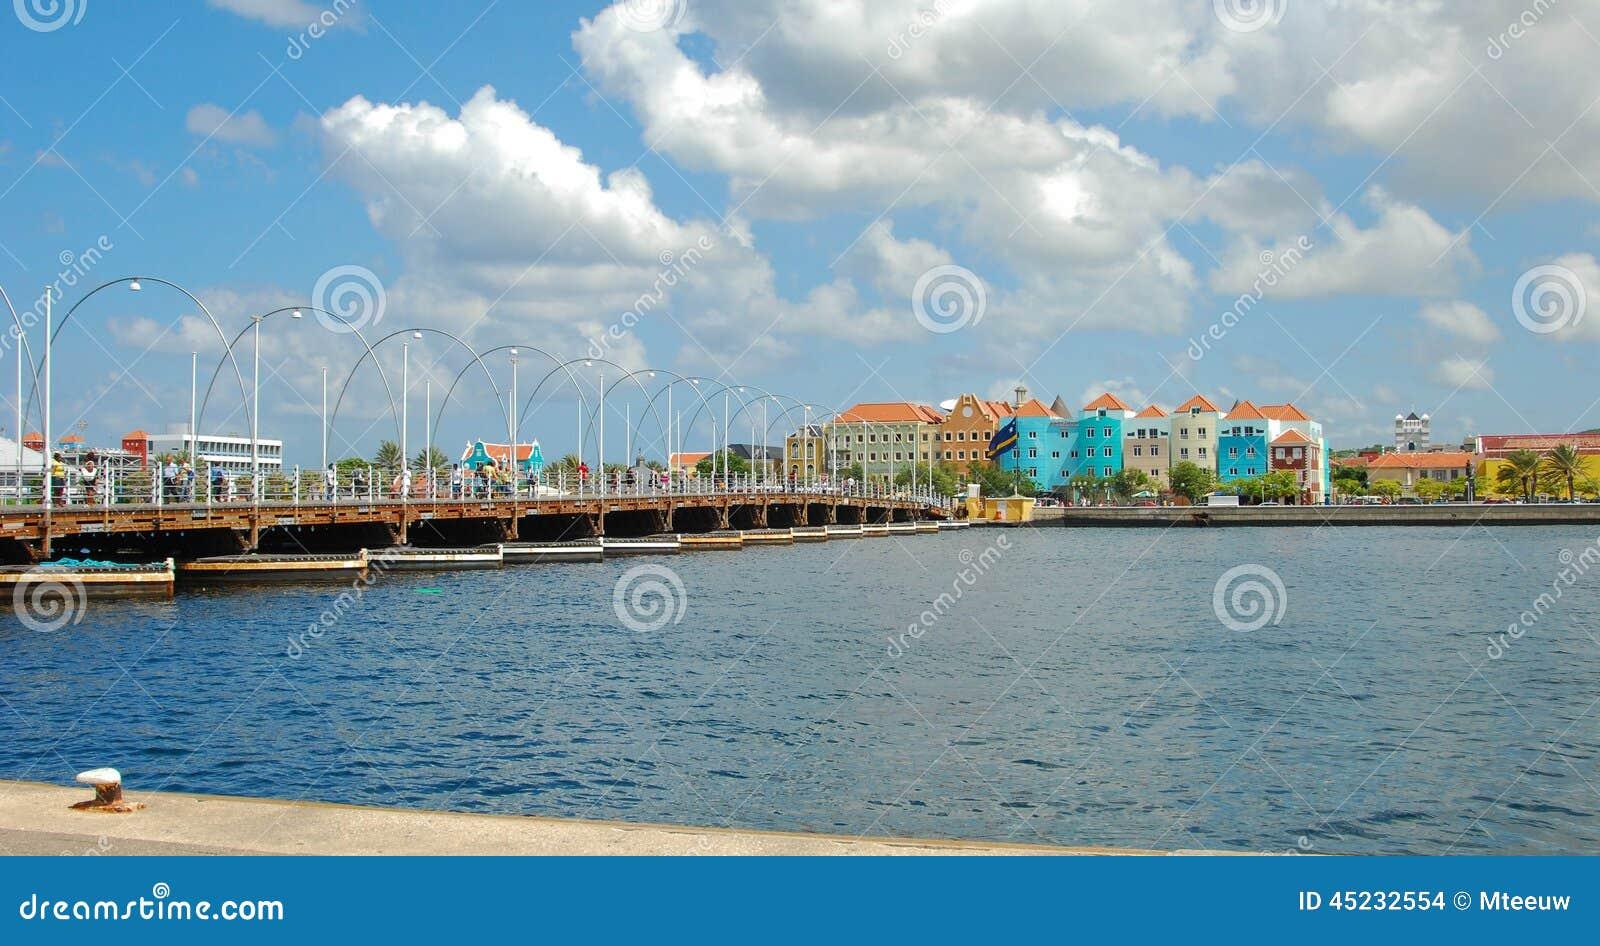 埃玛桥梁库拉索岛